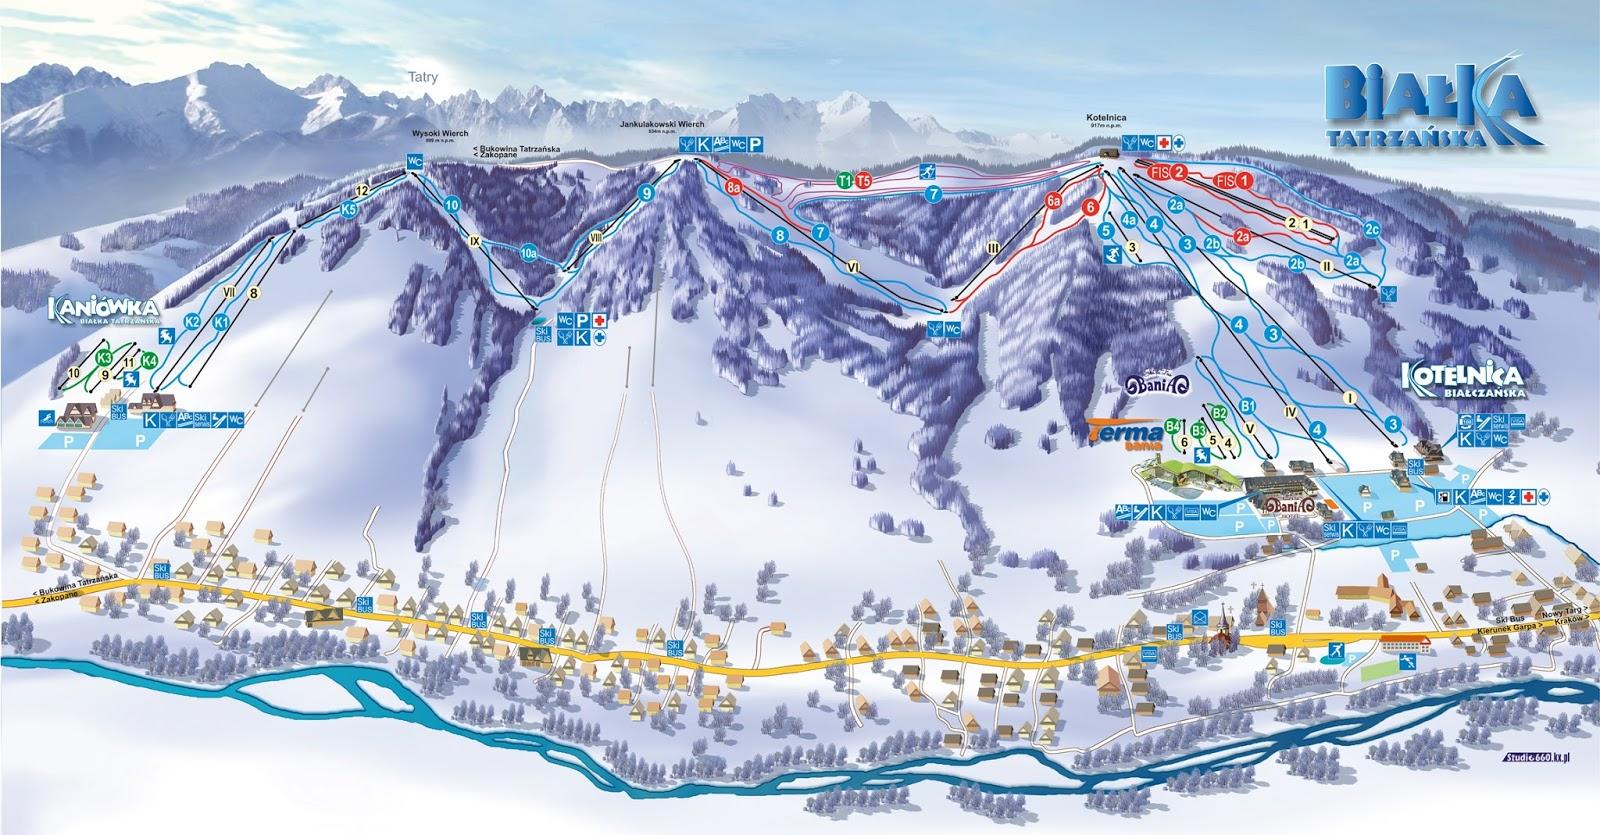 wyciąg narciarski białka tatrzańska